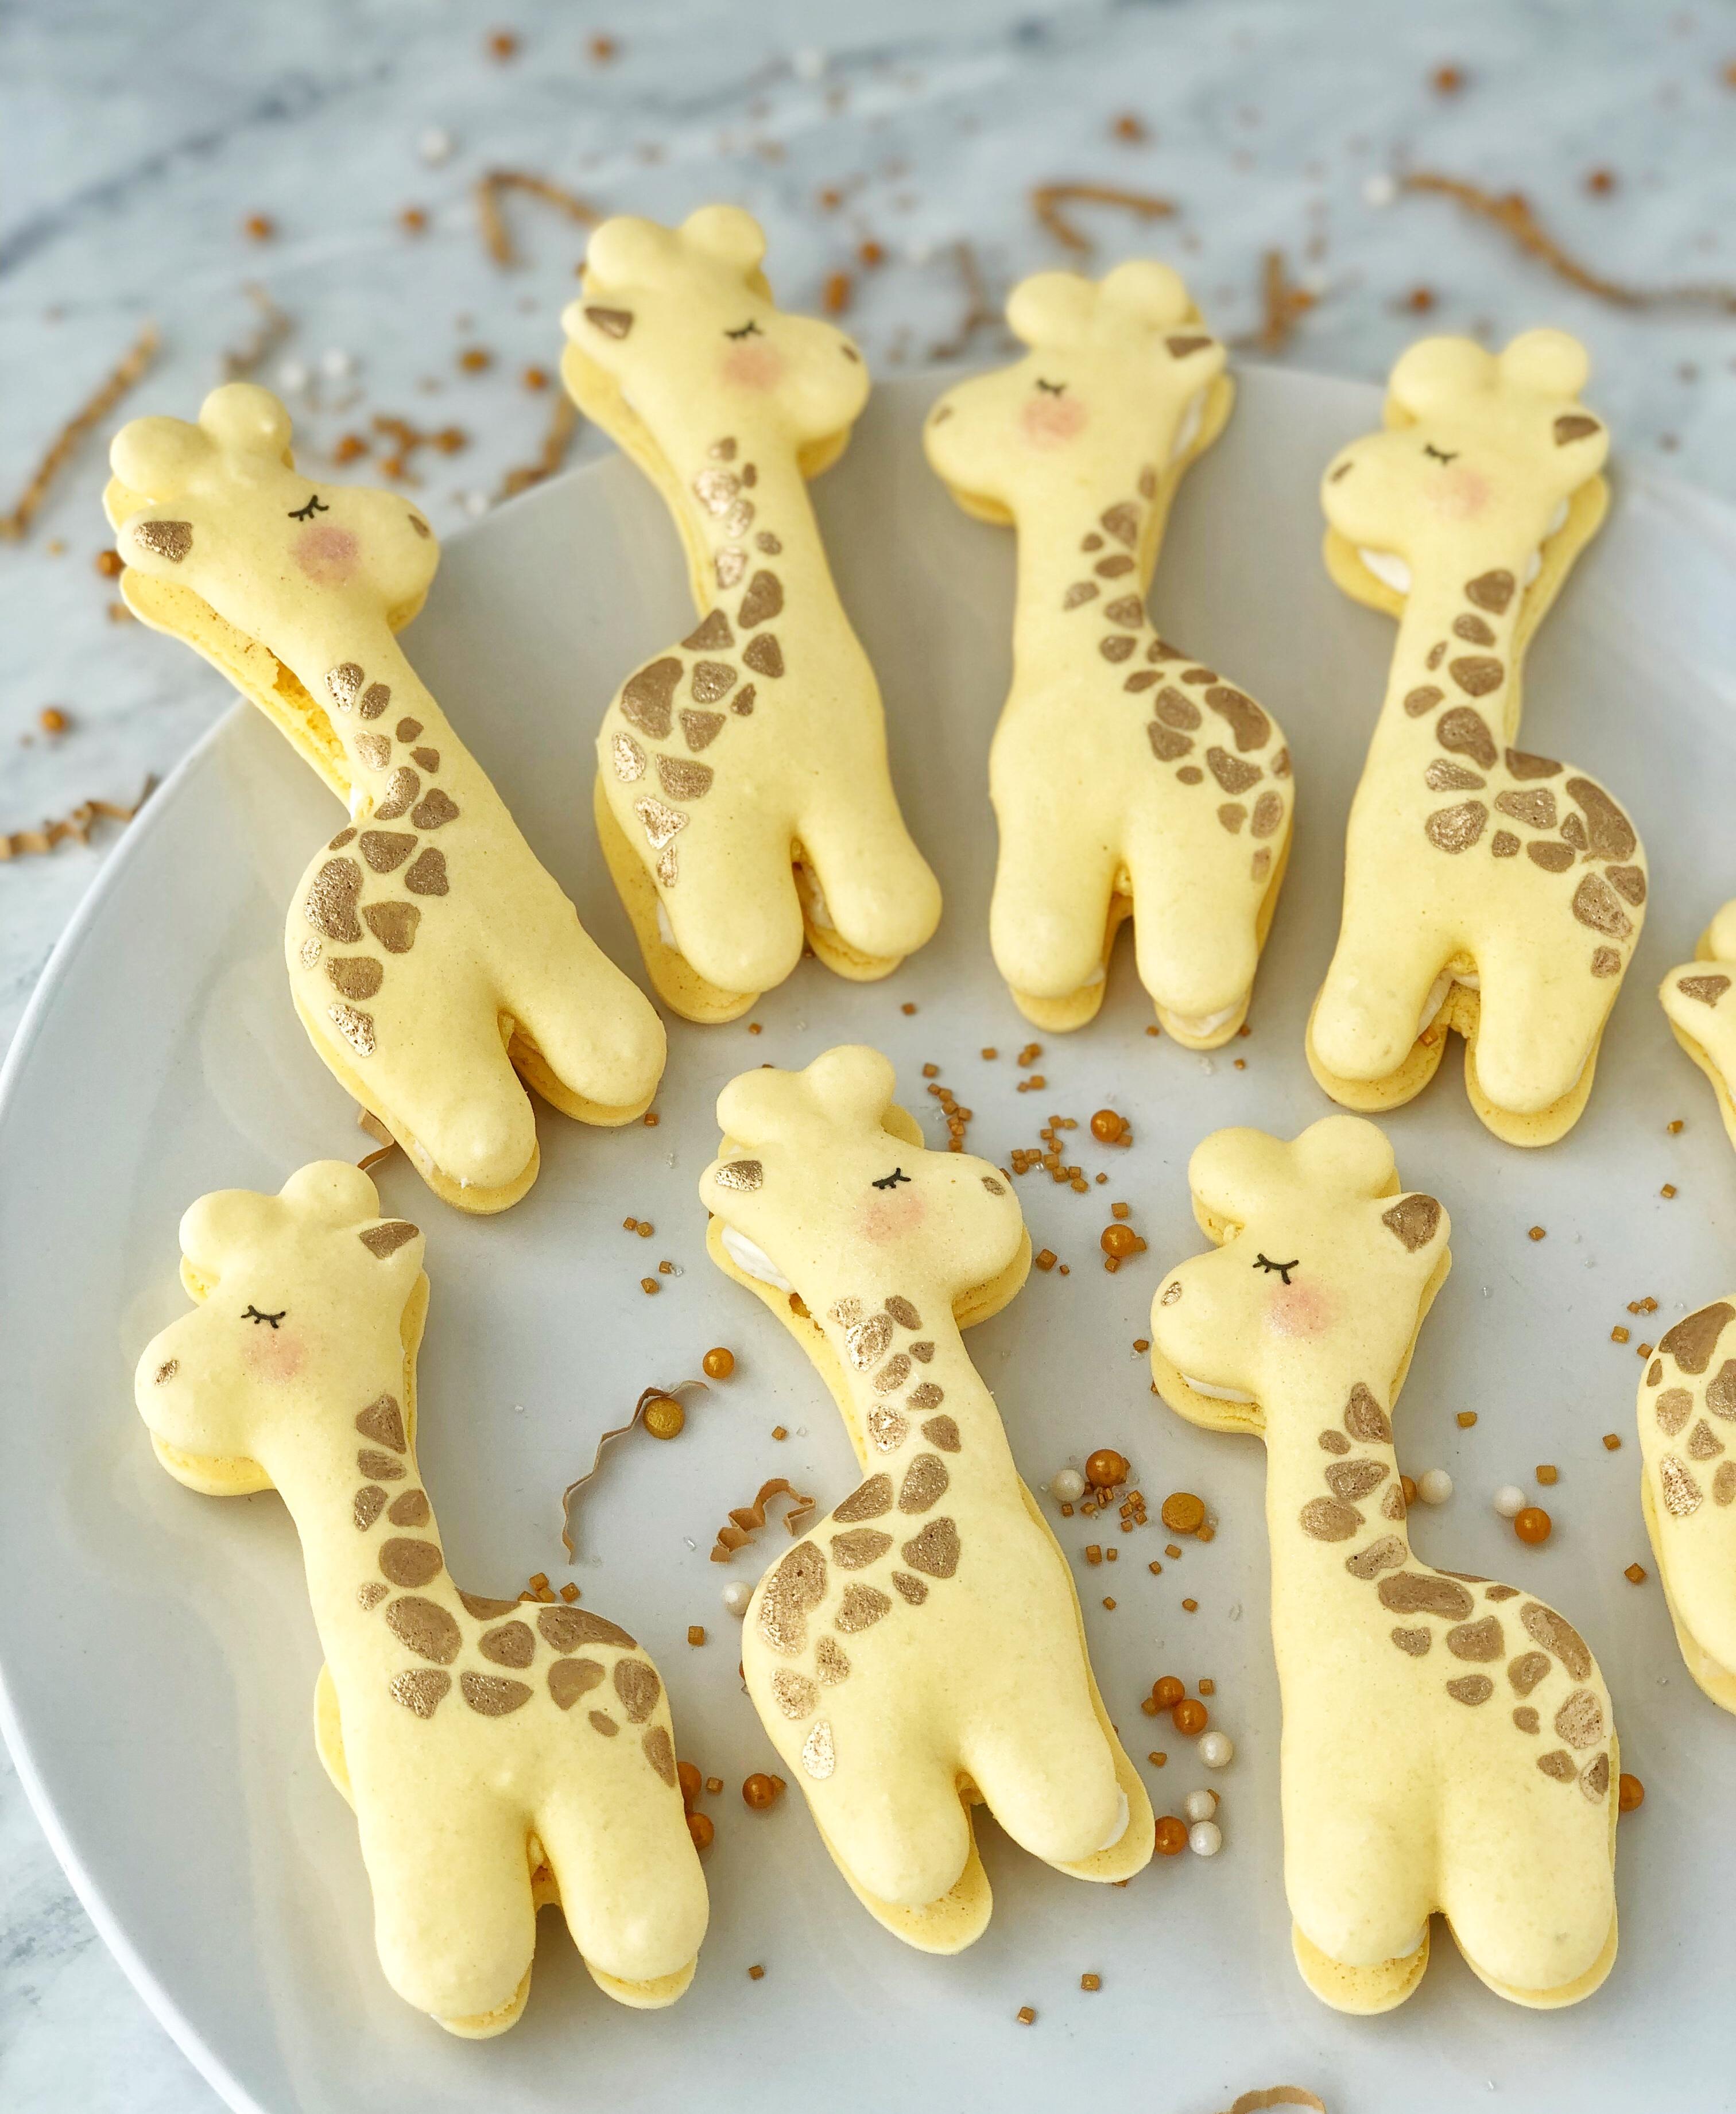 Giraffe Macaron